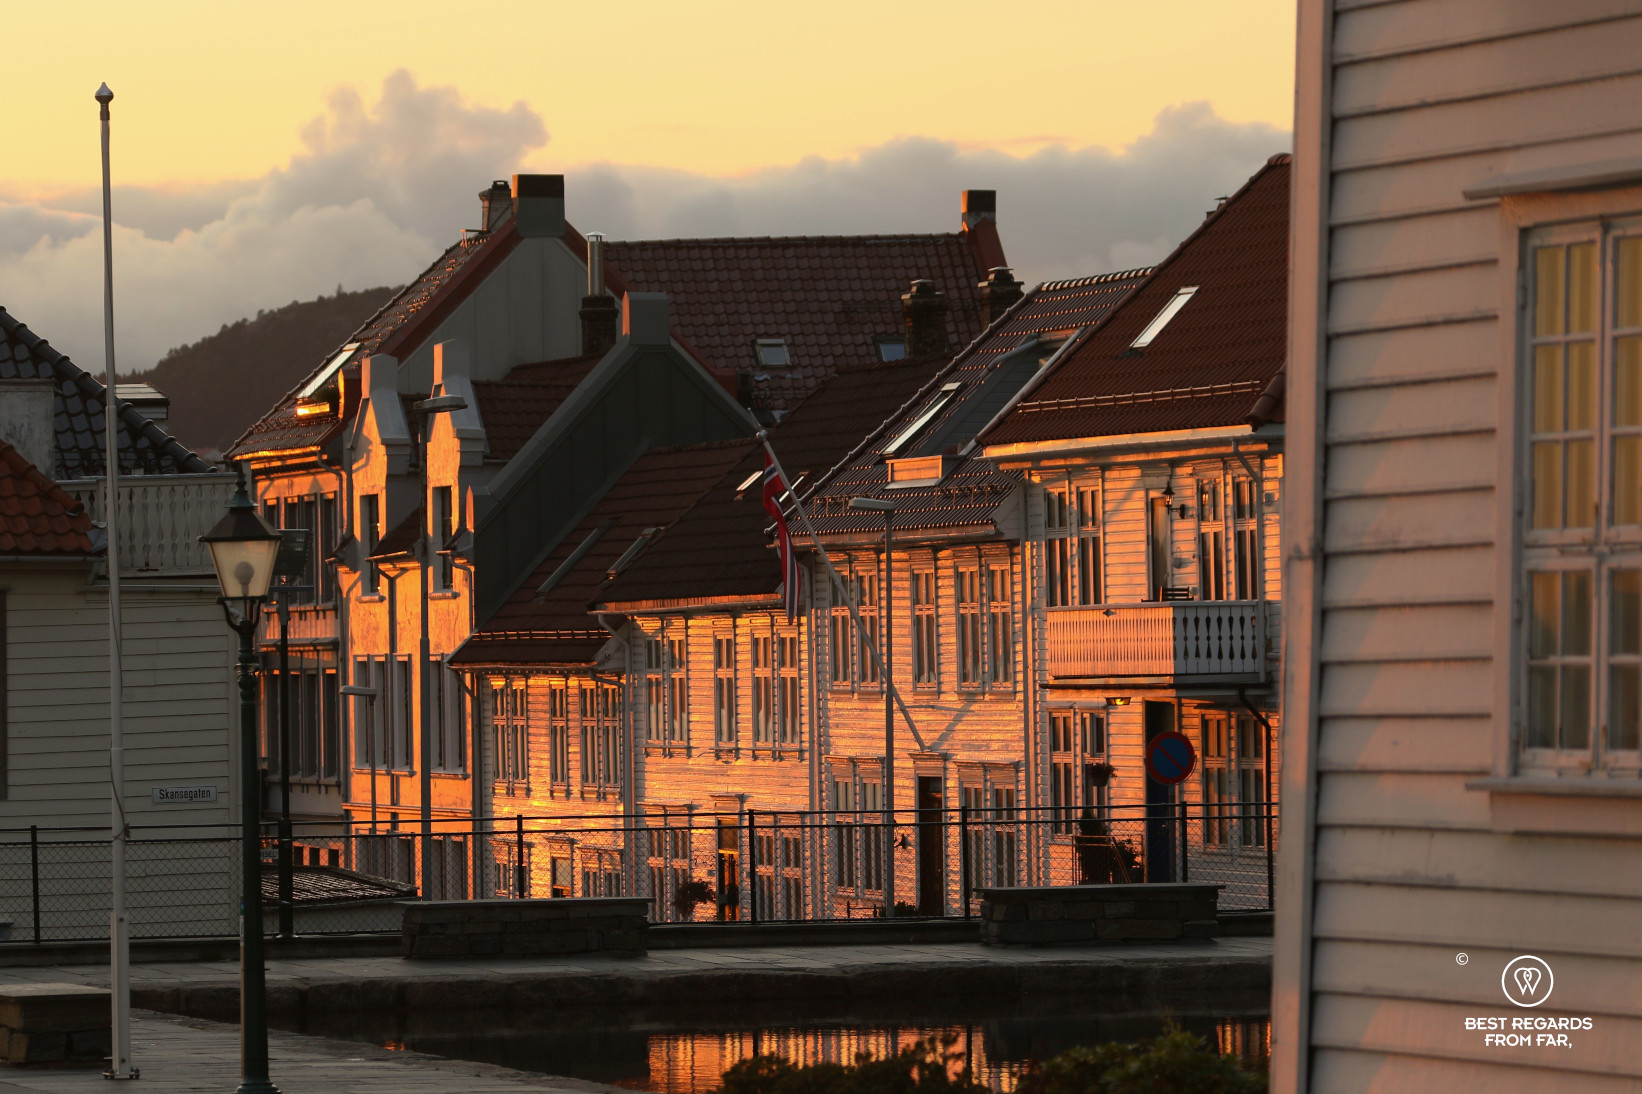 Bryggen at sunset, Bergen, Norway